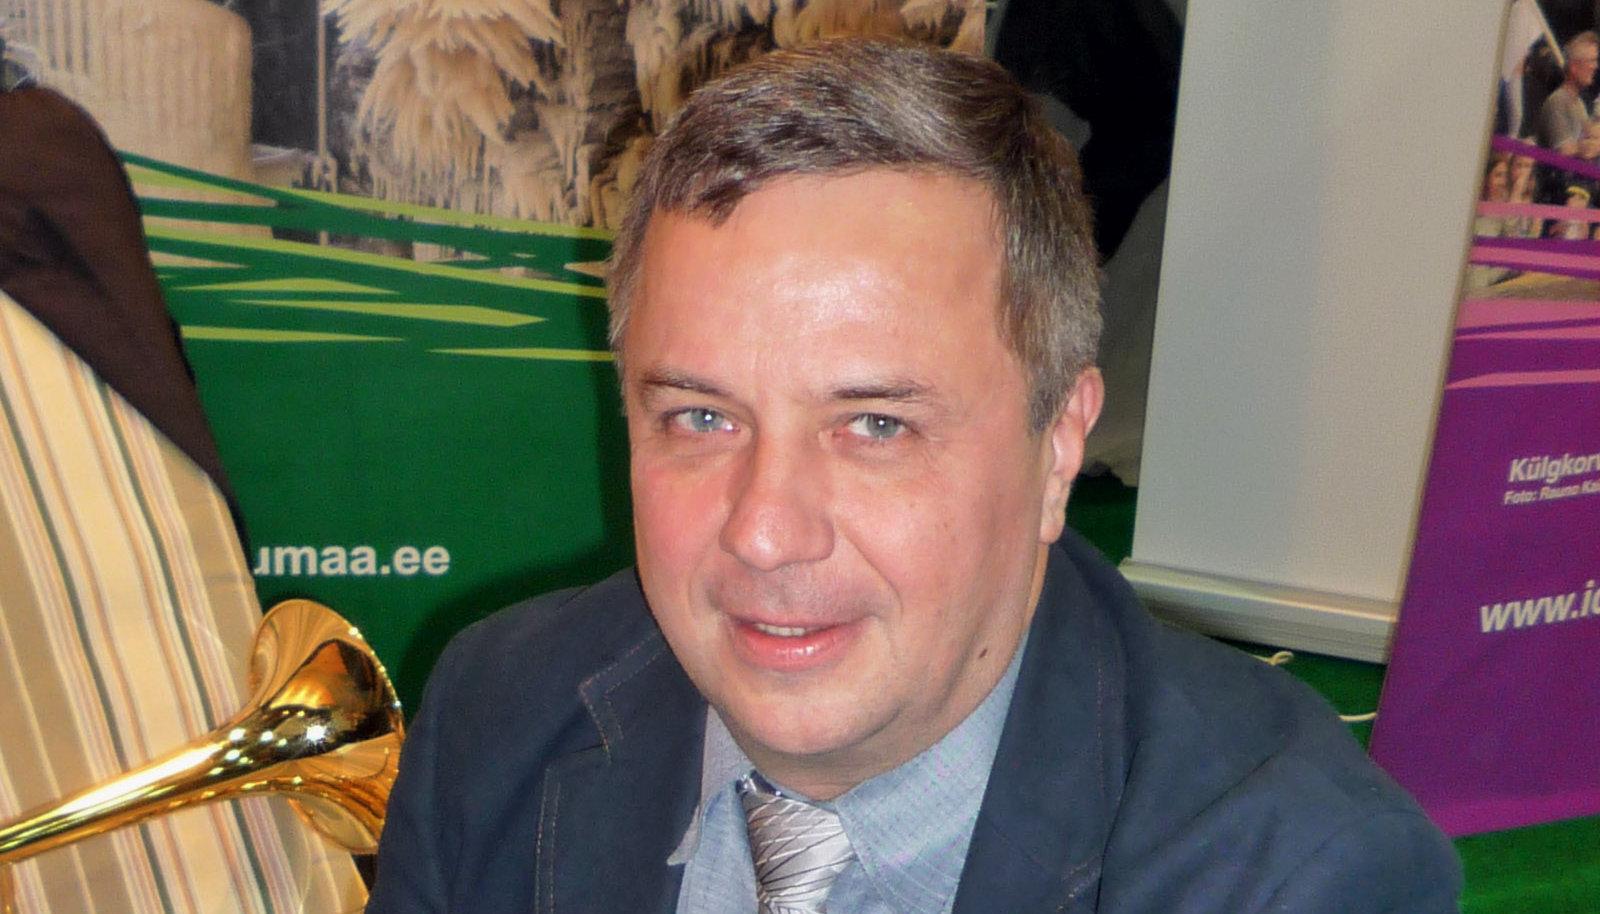 Pekka Linnainen